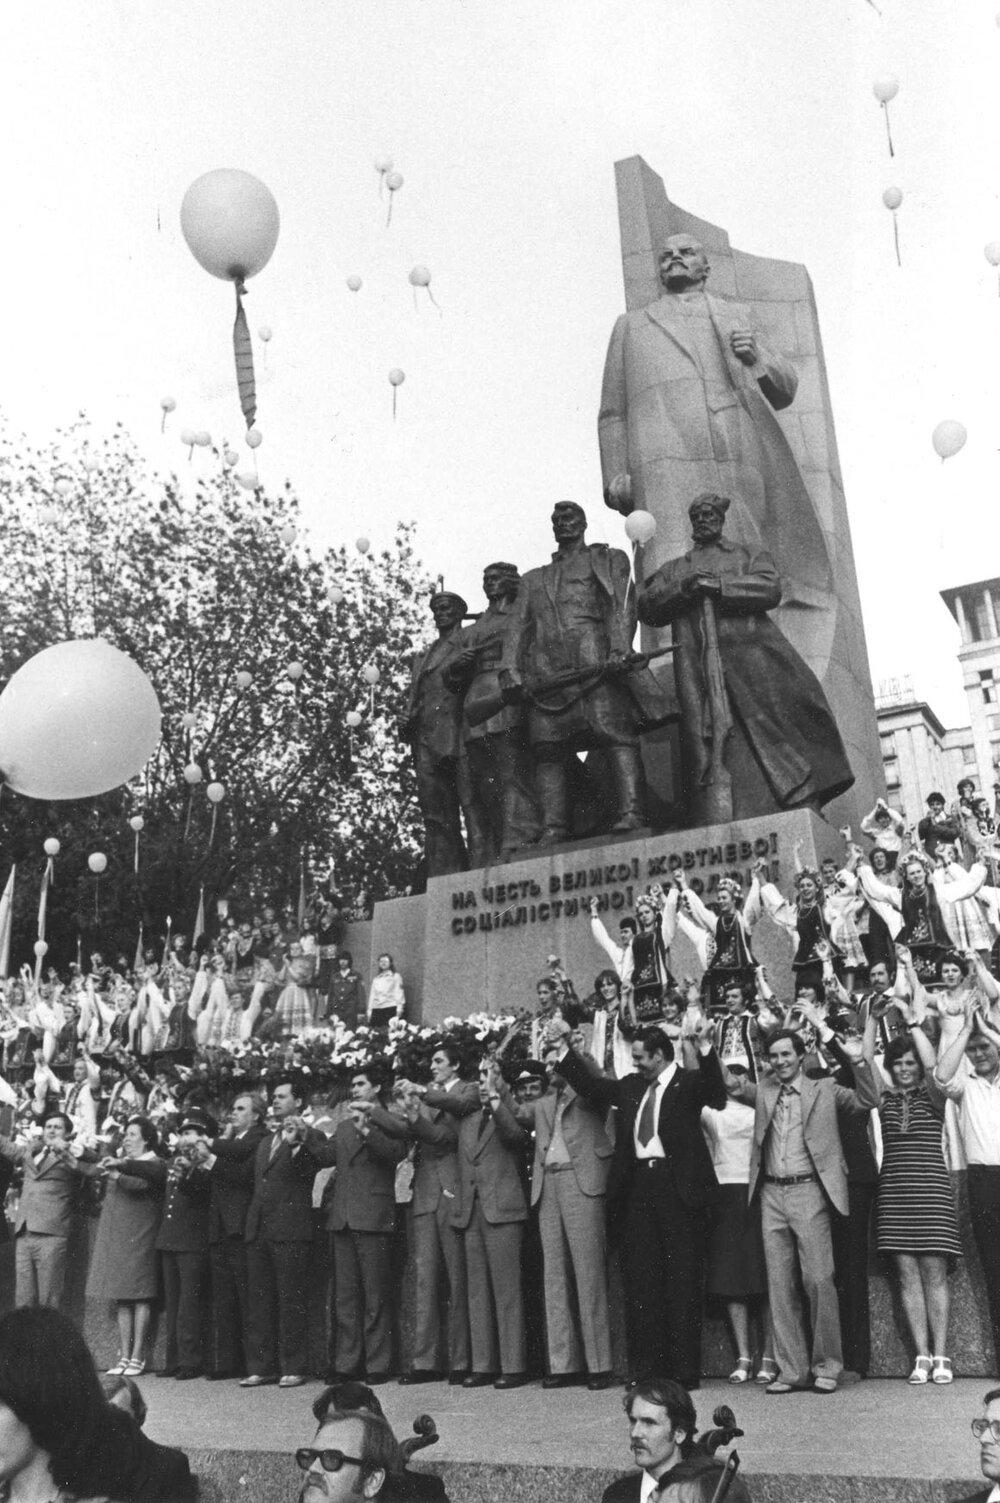 Віктор Марущенко. Відкриття фестивалю «Молоді голоси» на Жовтневій площі, 1978 рік